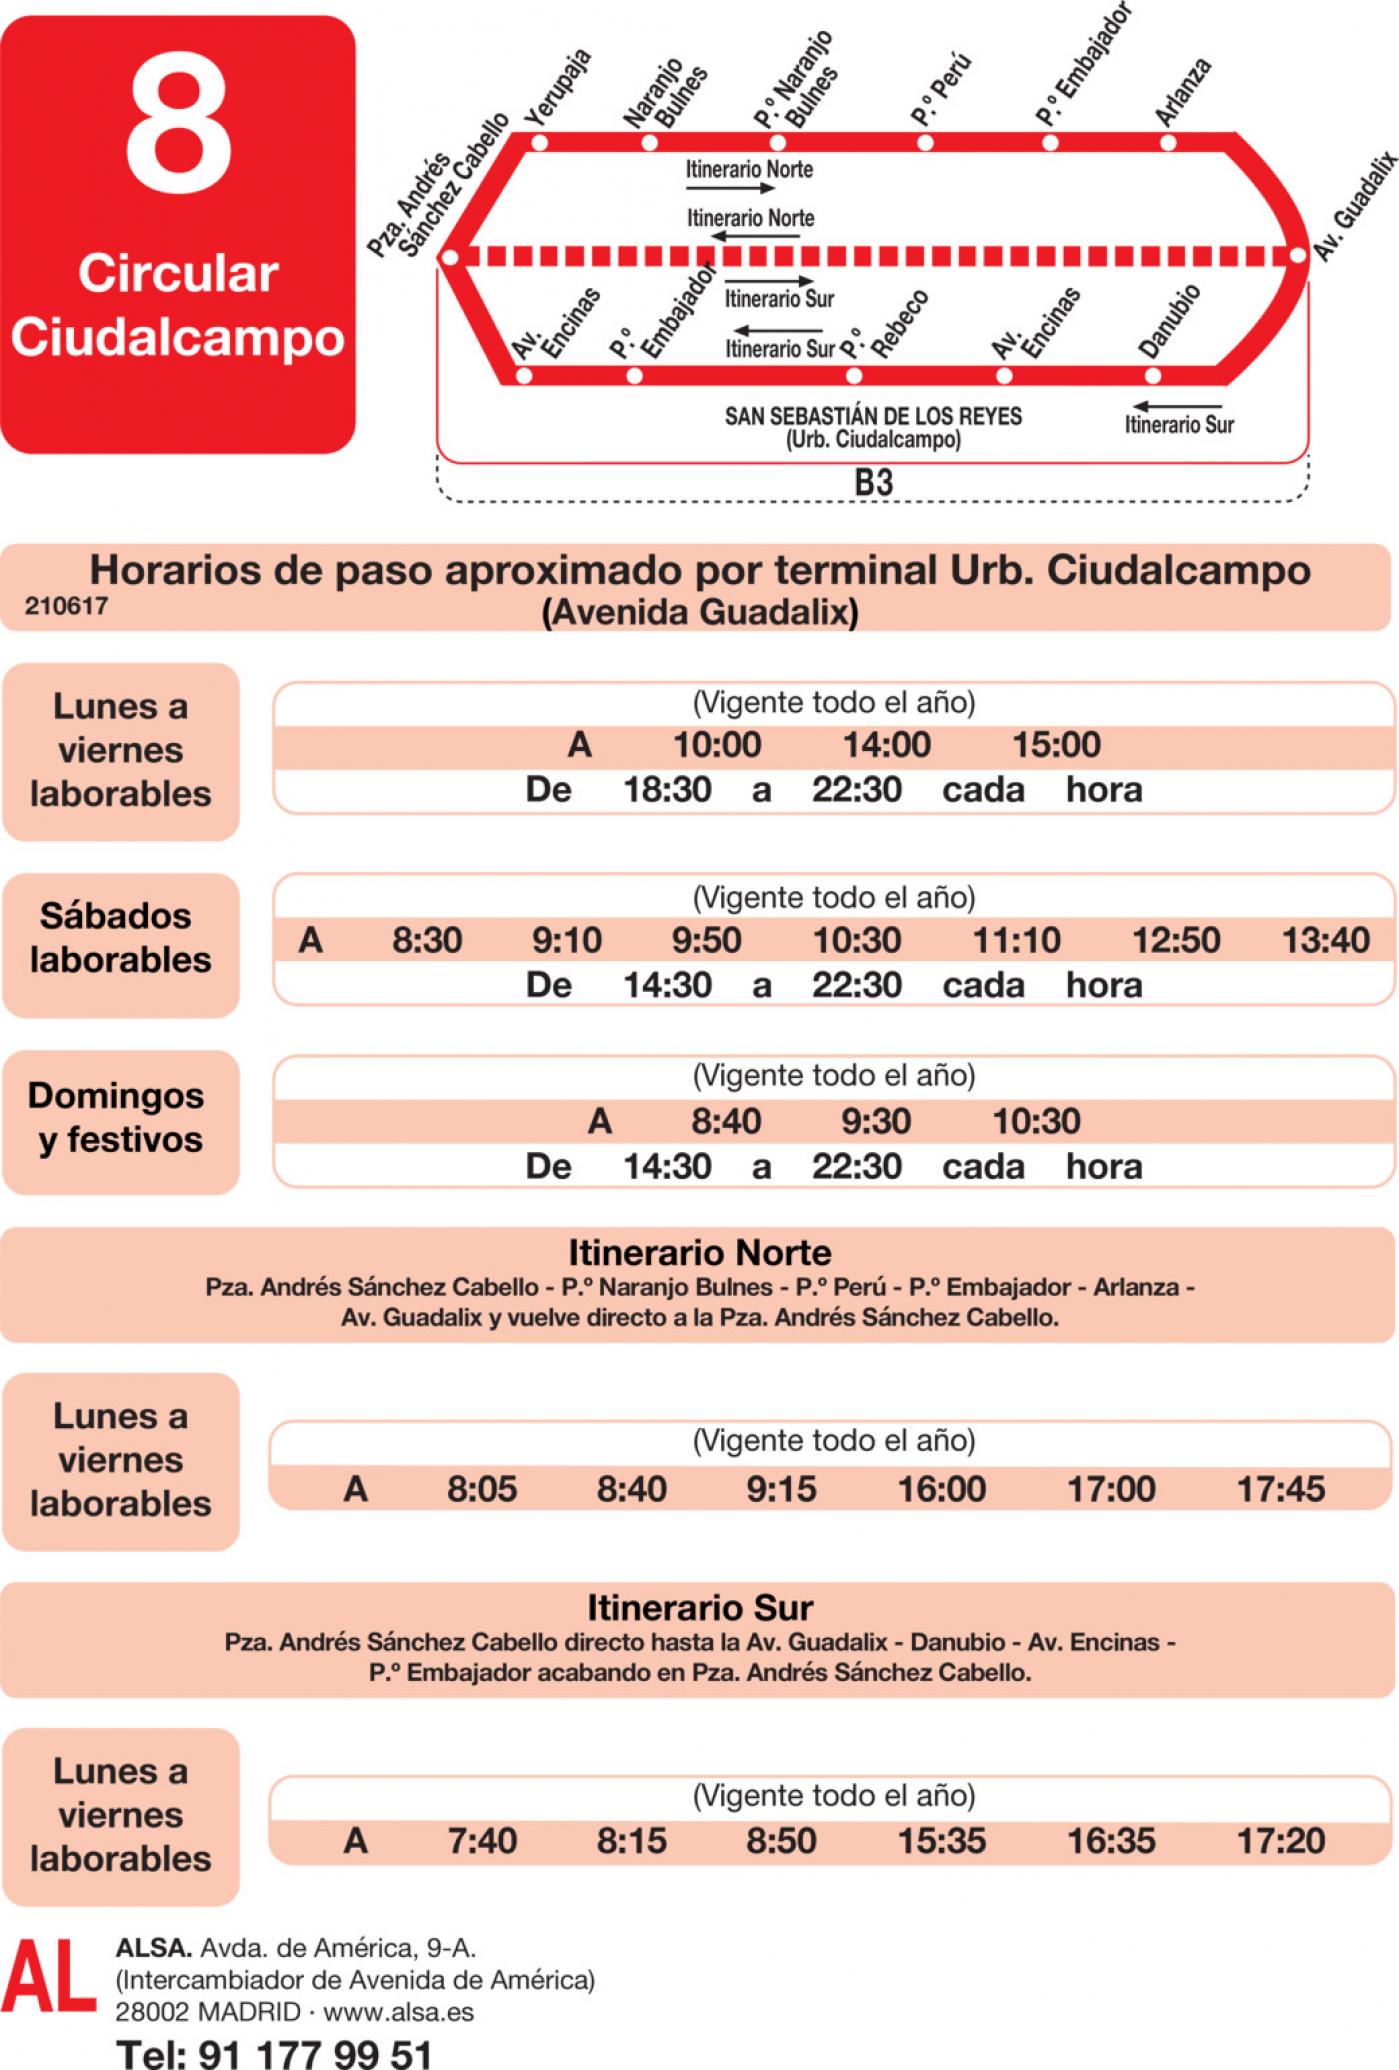 Tabla de horarios y frecuencias de paso en sentido vuelta Línea L-8 Ciudalcampo: Circular Ciudalcampo